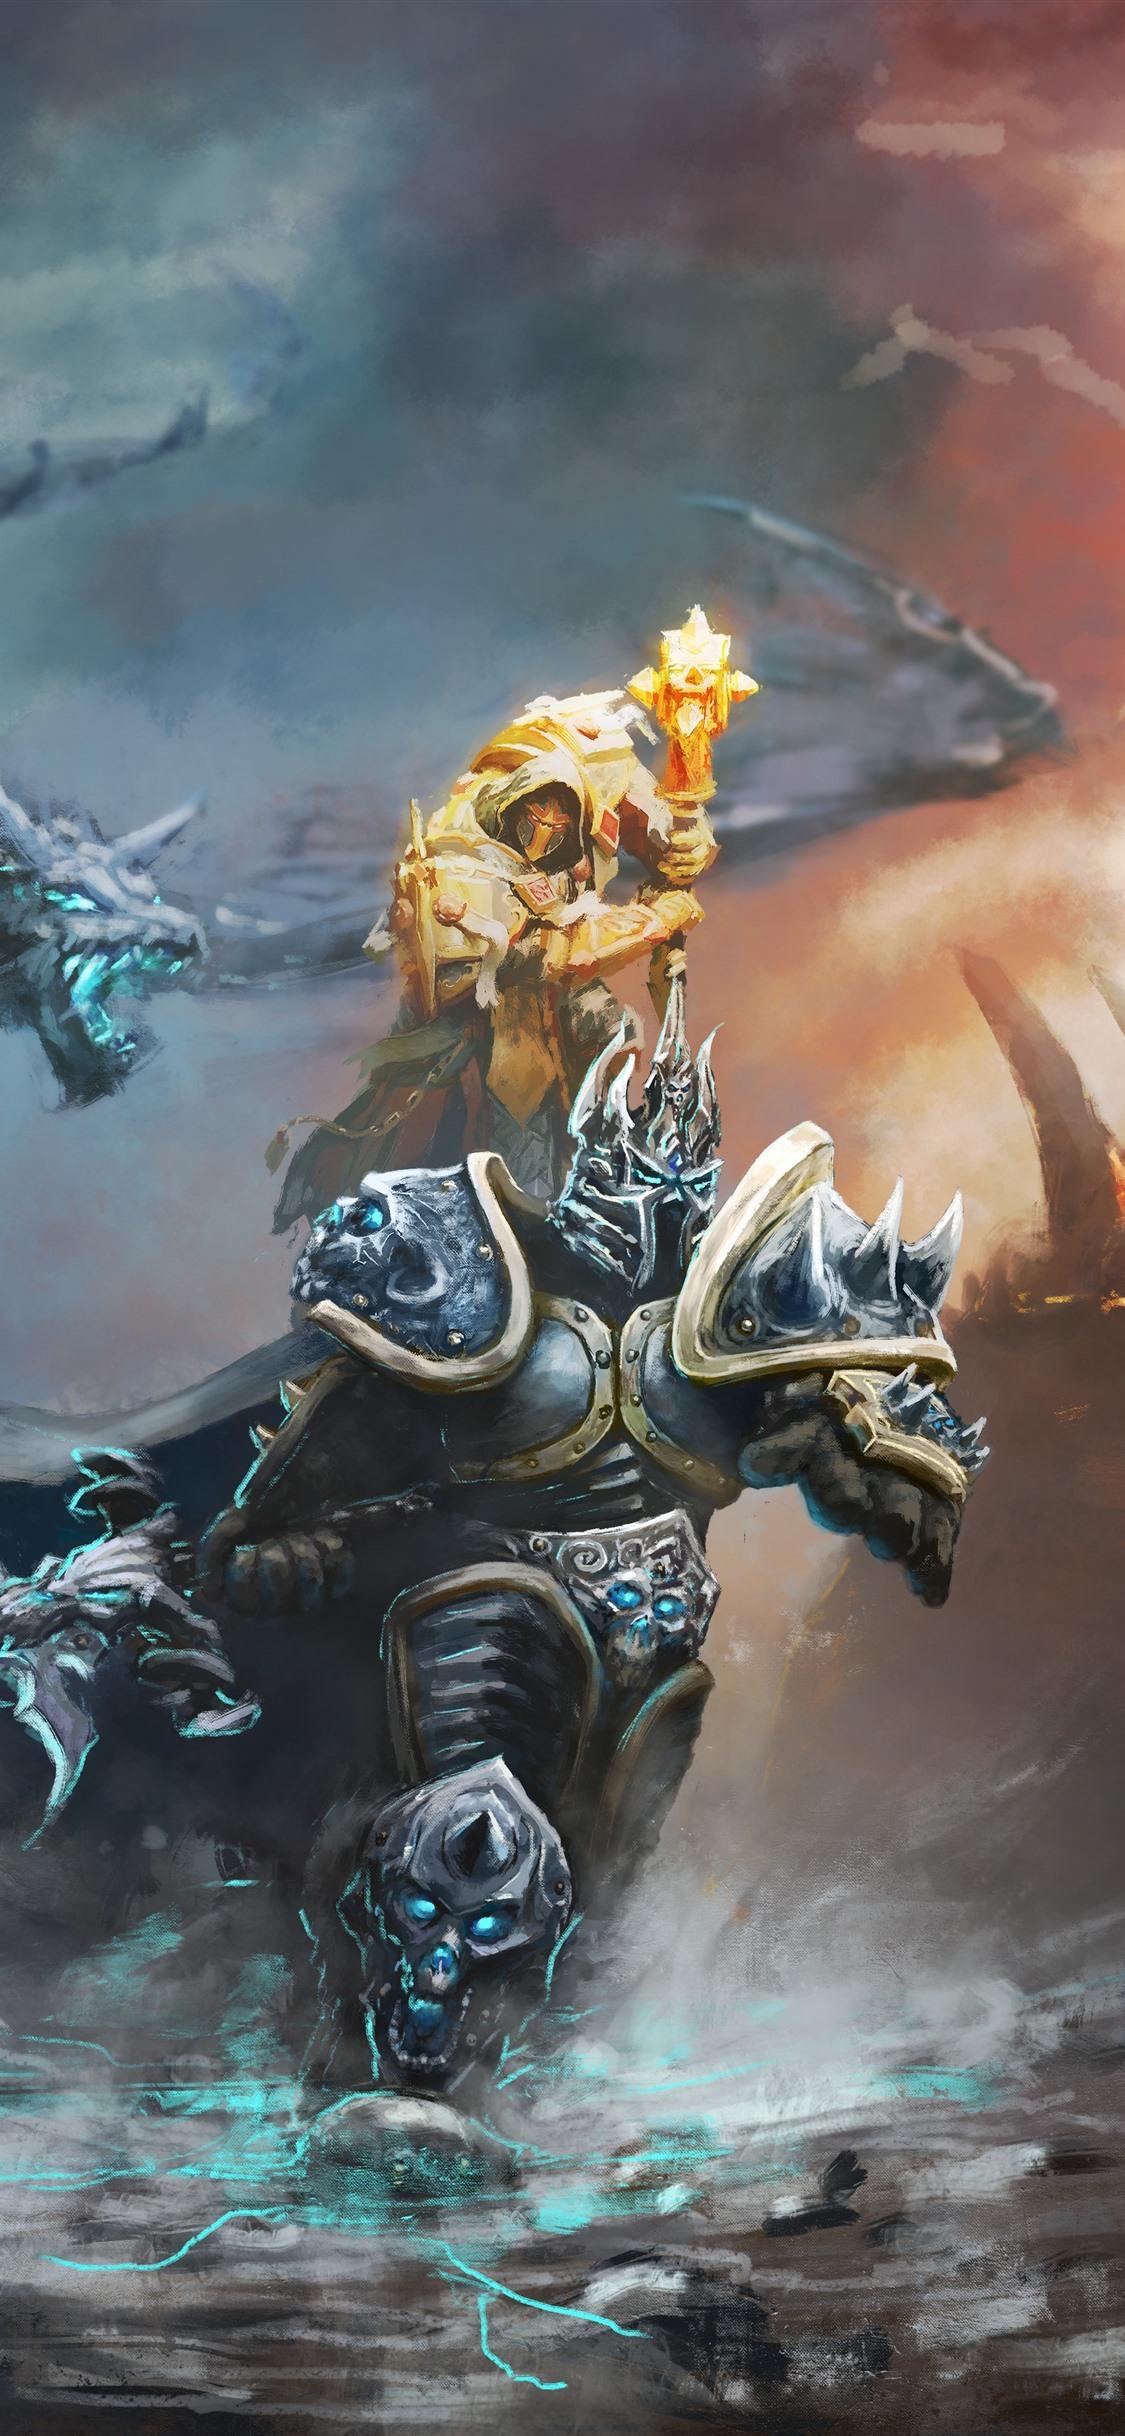 Heroes of the storm warcraft imagen de arte del juego - Heroes of the storm phone wallpaper ...